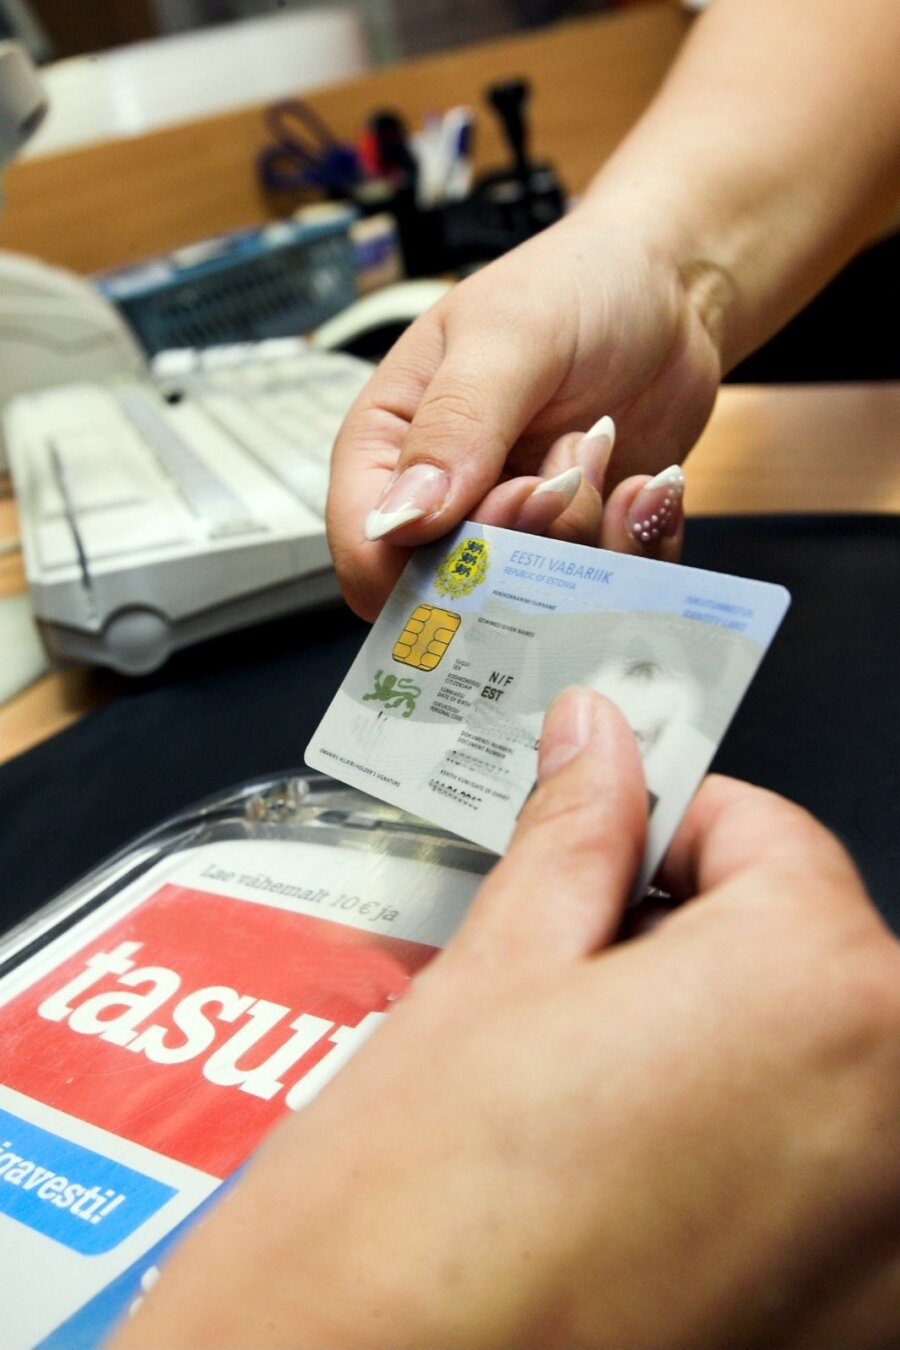 88c6defe613 Kõige rumalamad vead, mida Eesti inimesed laenu võtmisel teevad ...